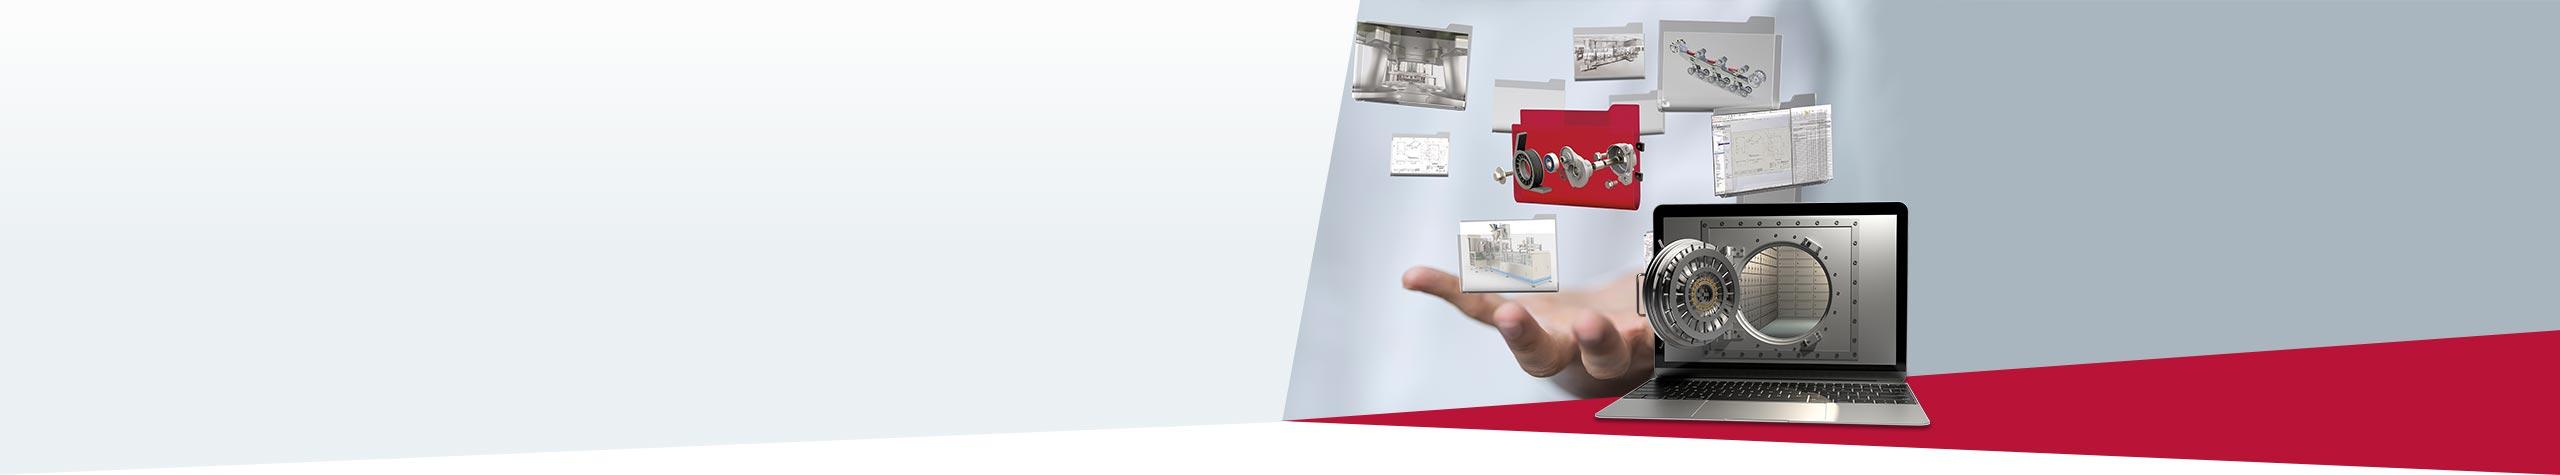 SmartStart PDM Ihr Konstruktionsschatz sicher verwahrt. Zur Aktion